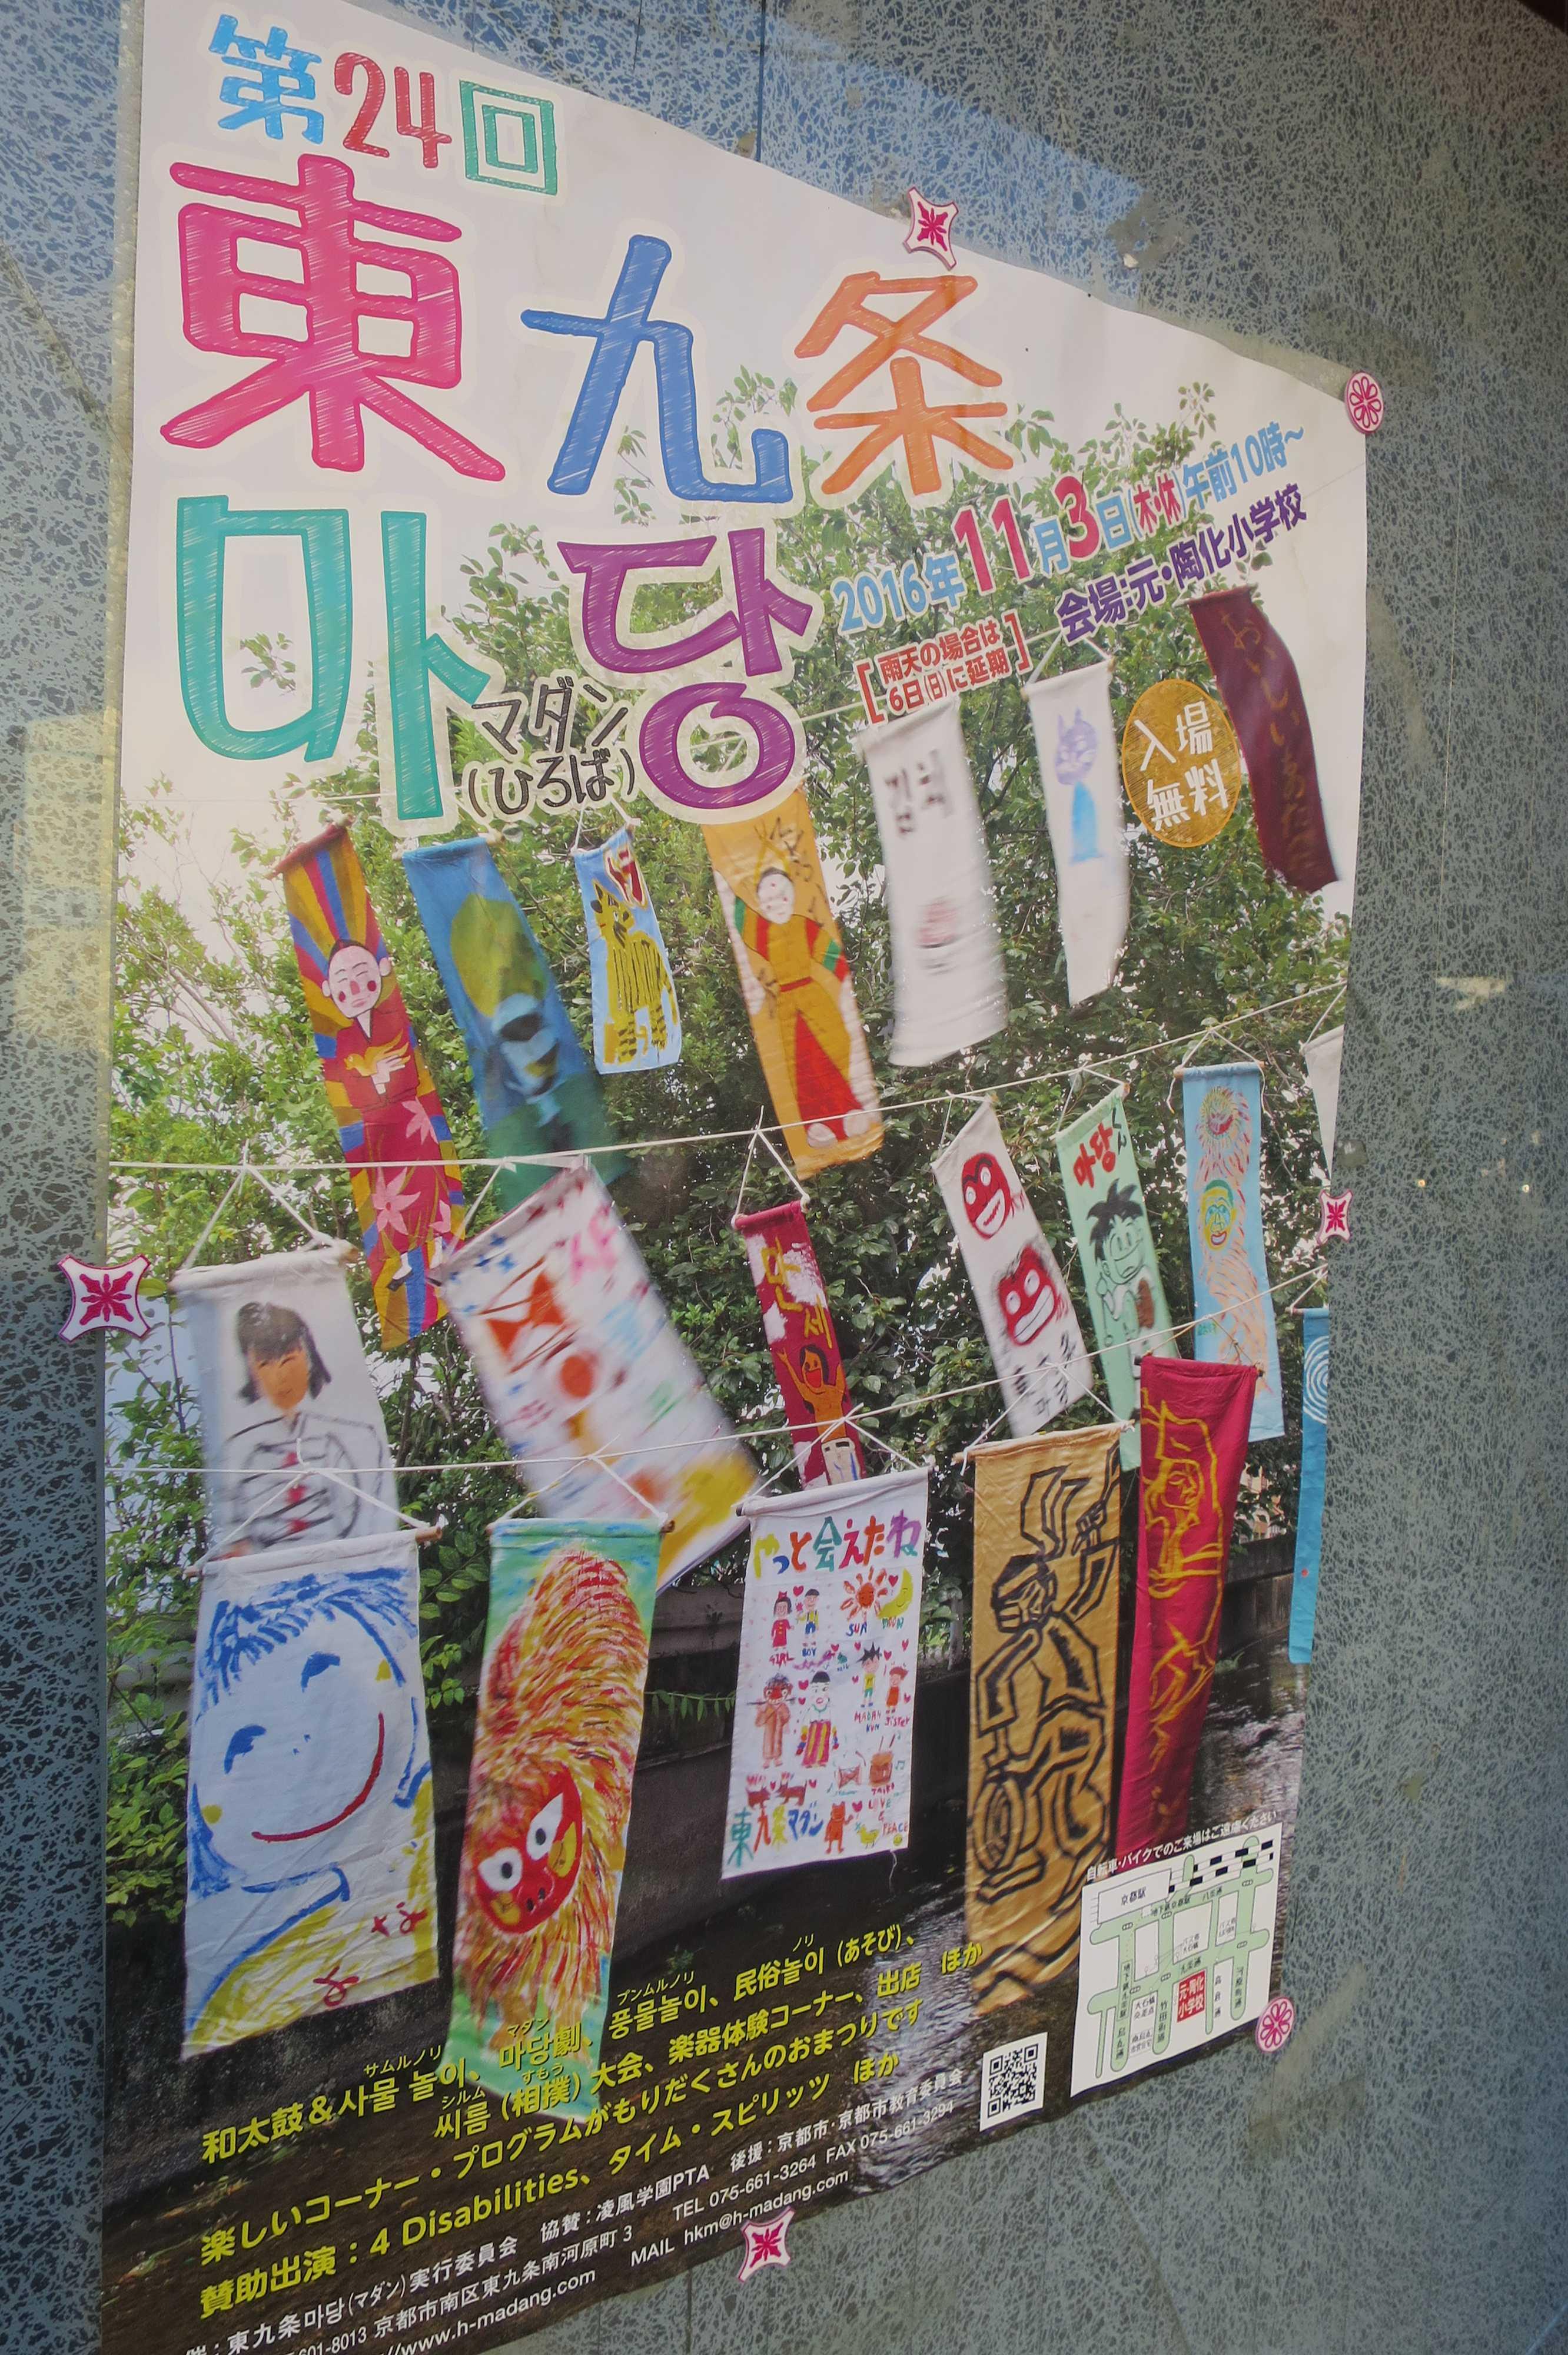 京都・山王地区 - 第24回 東九条マダン(ひろば) 会場: 元・陶化小学校